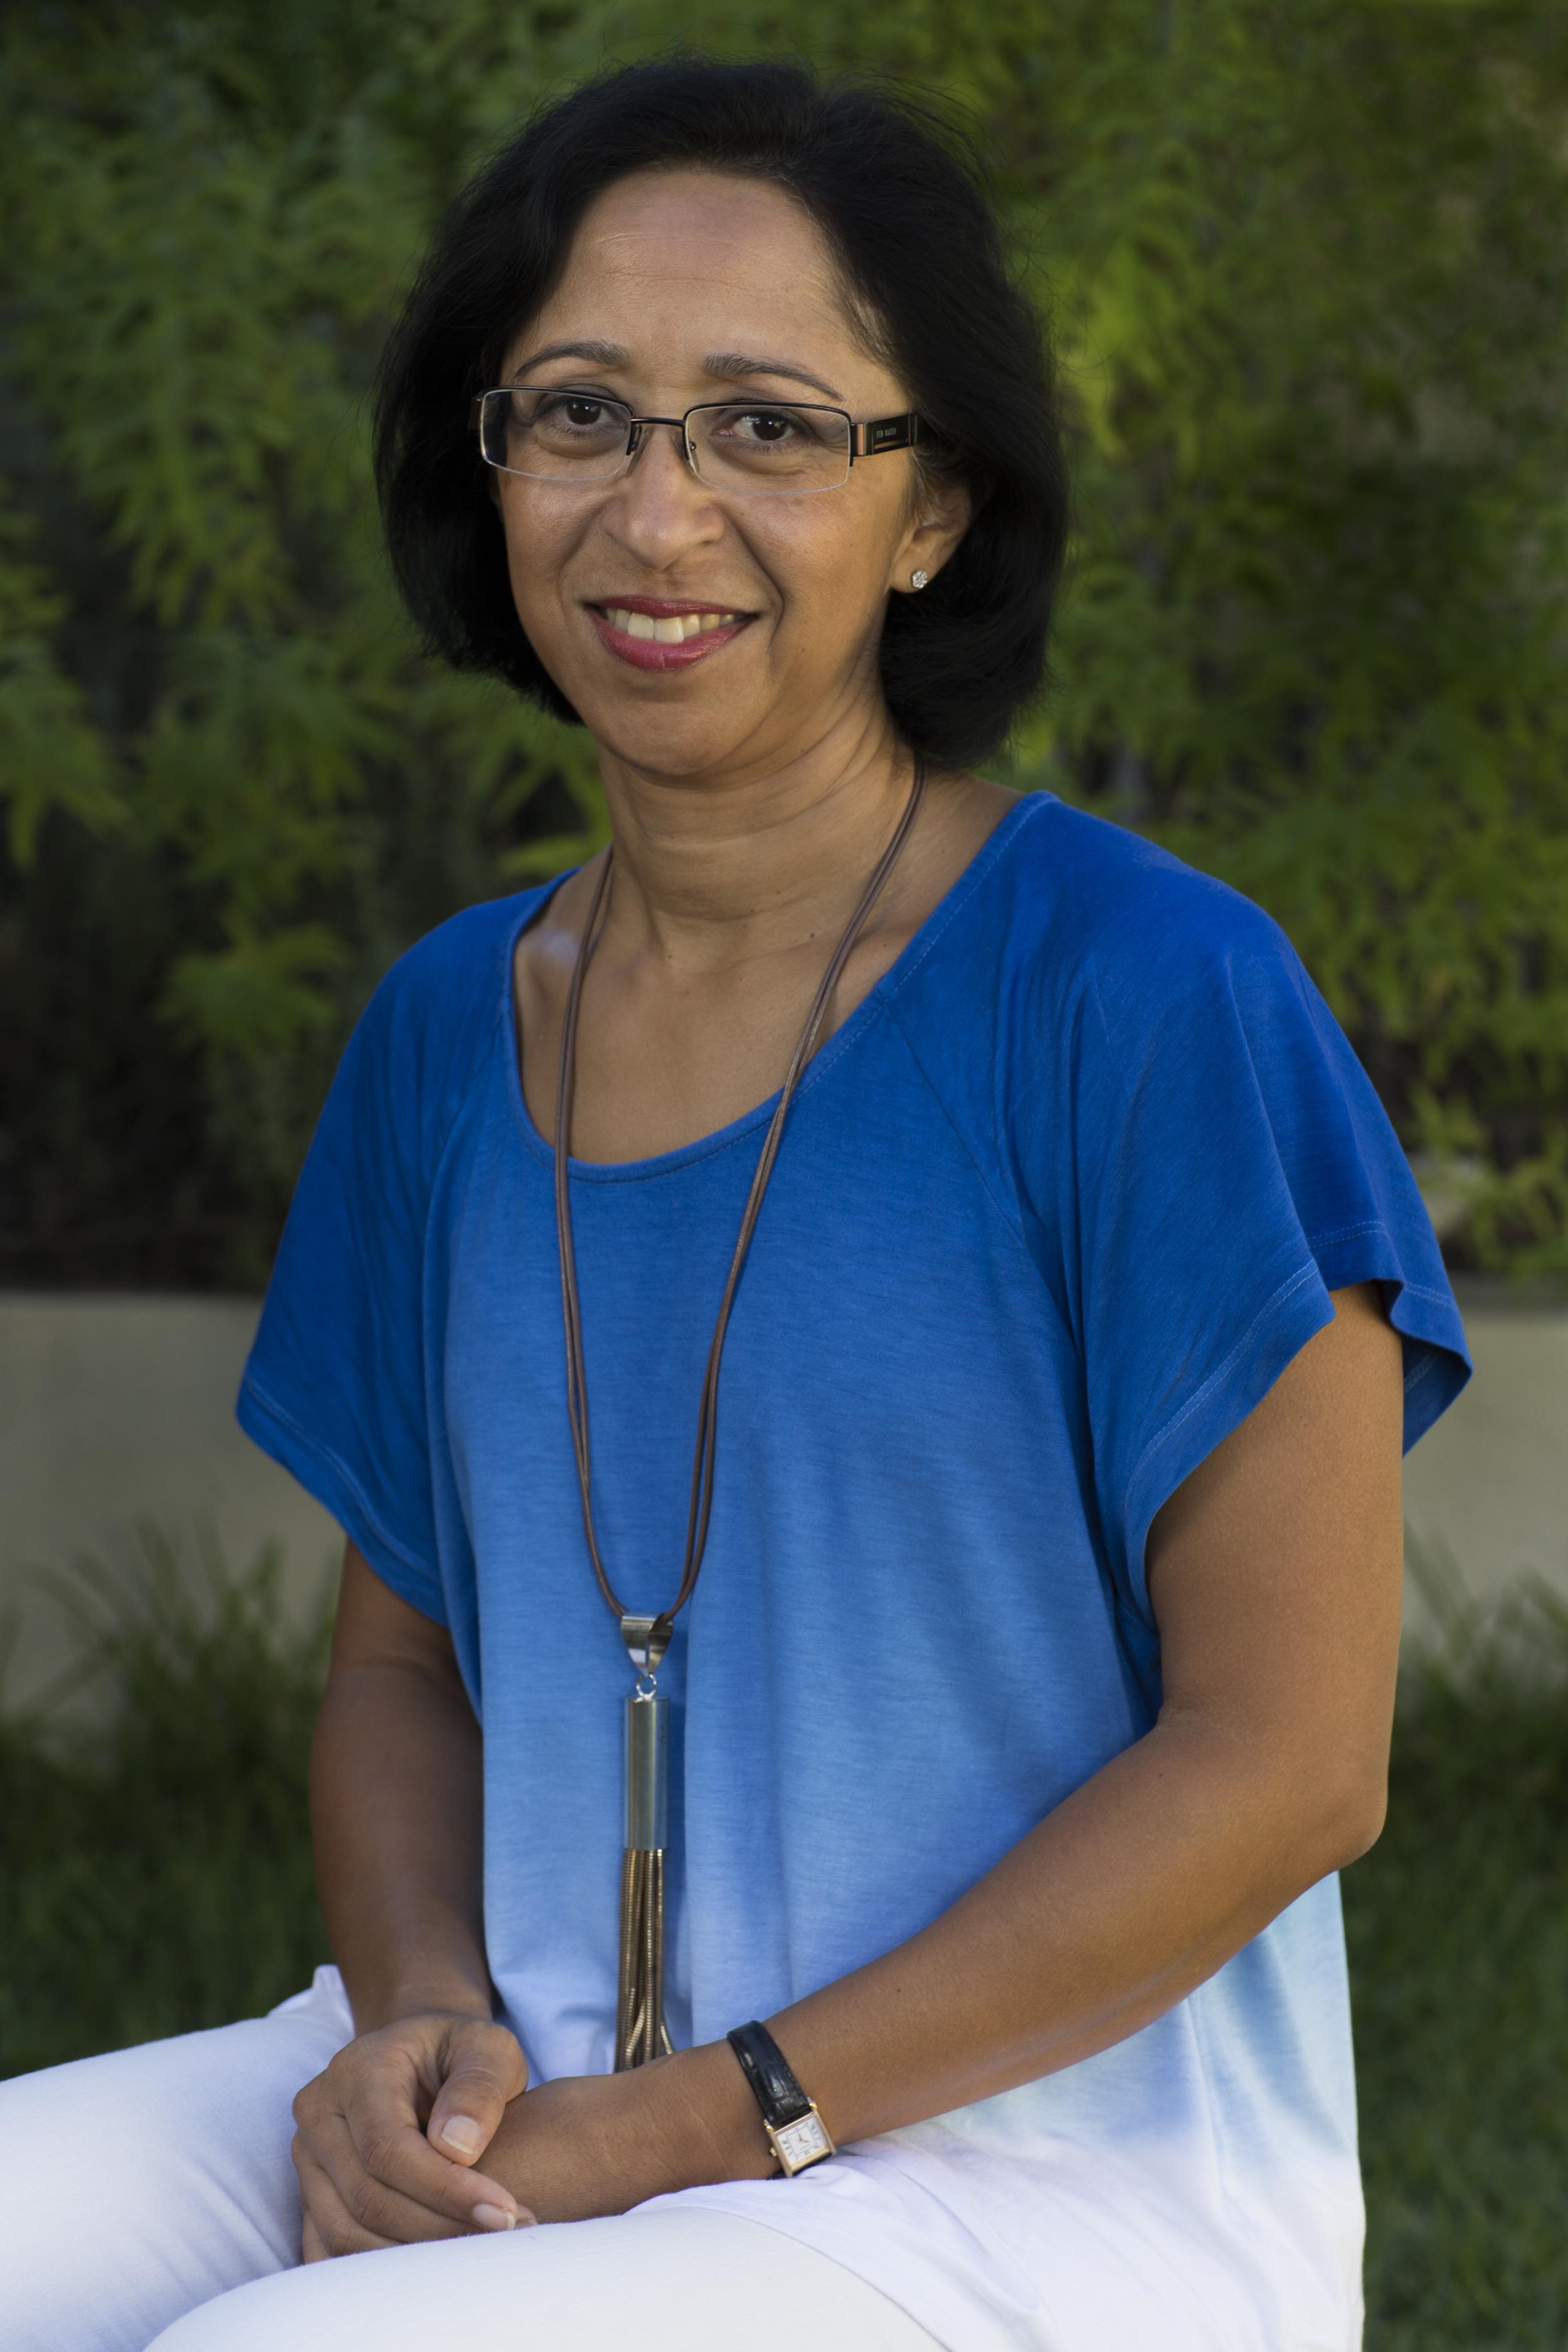 Karen Verrier